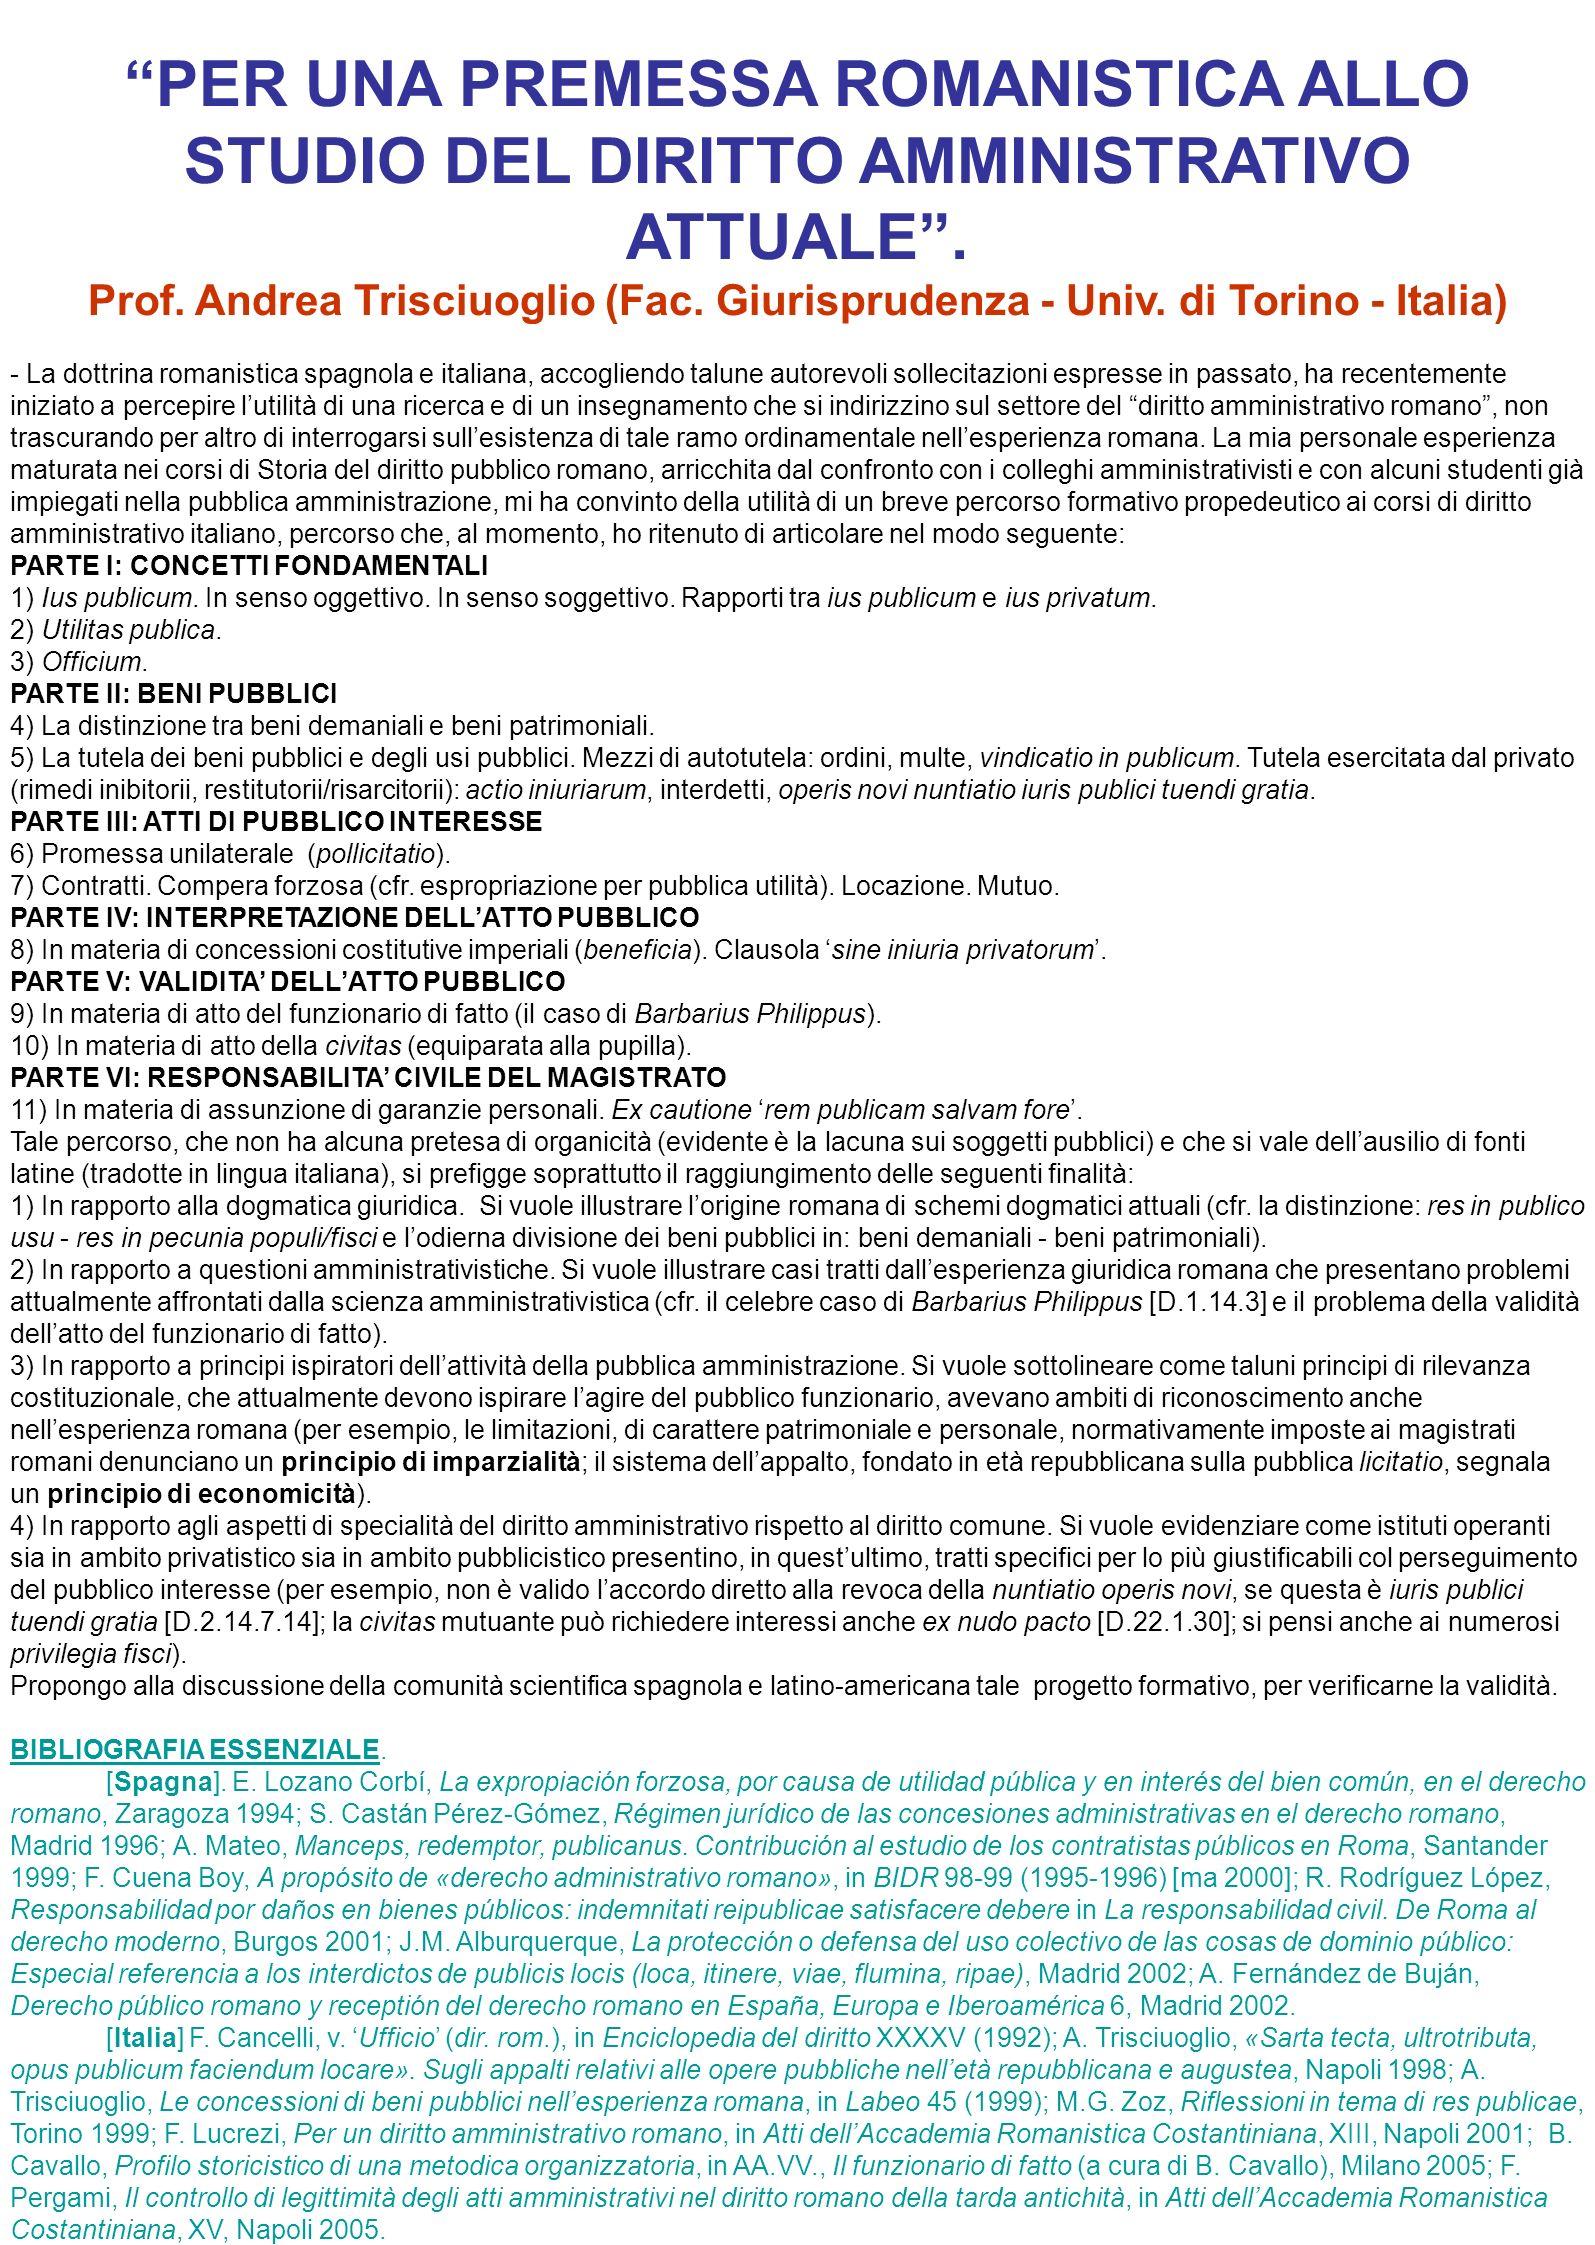 PER UNA PREMESSA ROMANISTICA ALLO STUDIO DEL DIRITTO AMMINISTRATIVO ATTUALE .